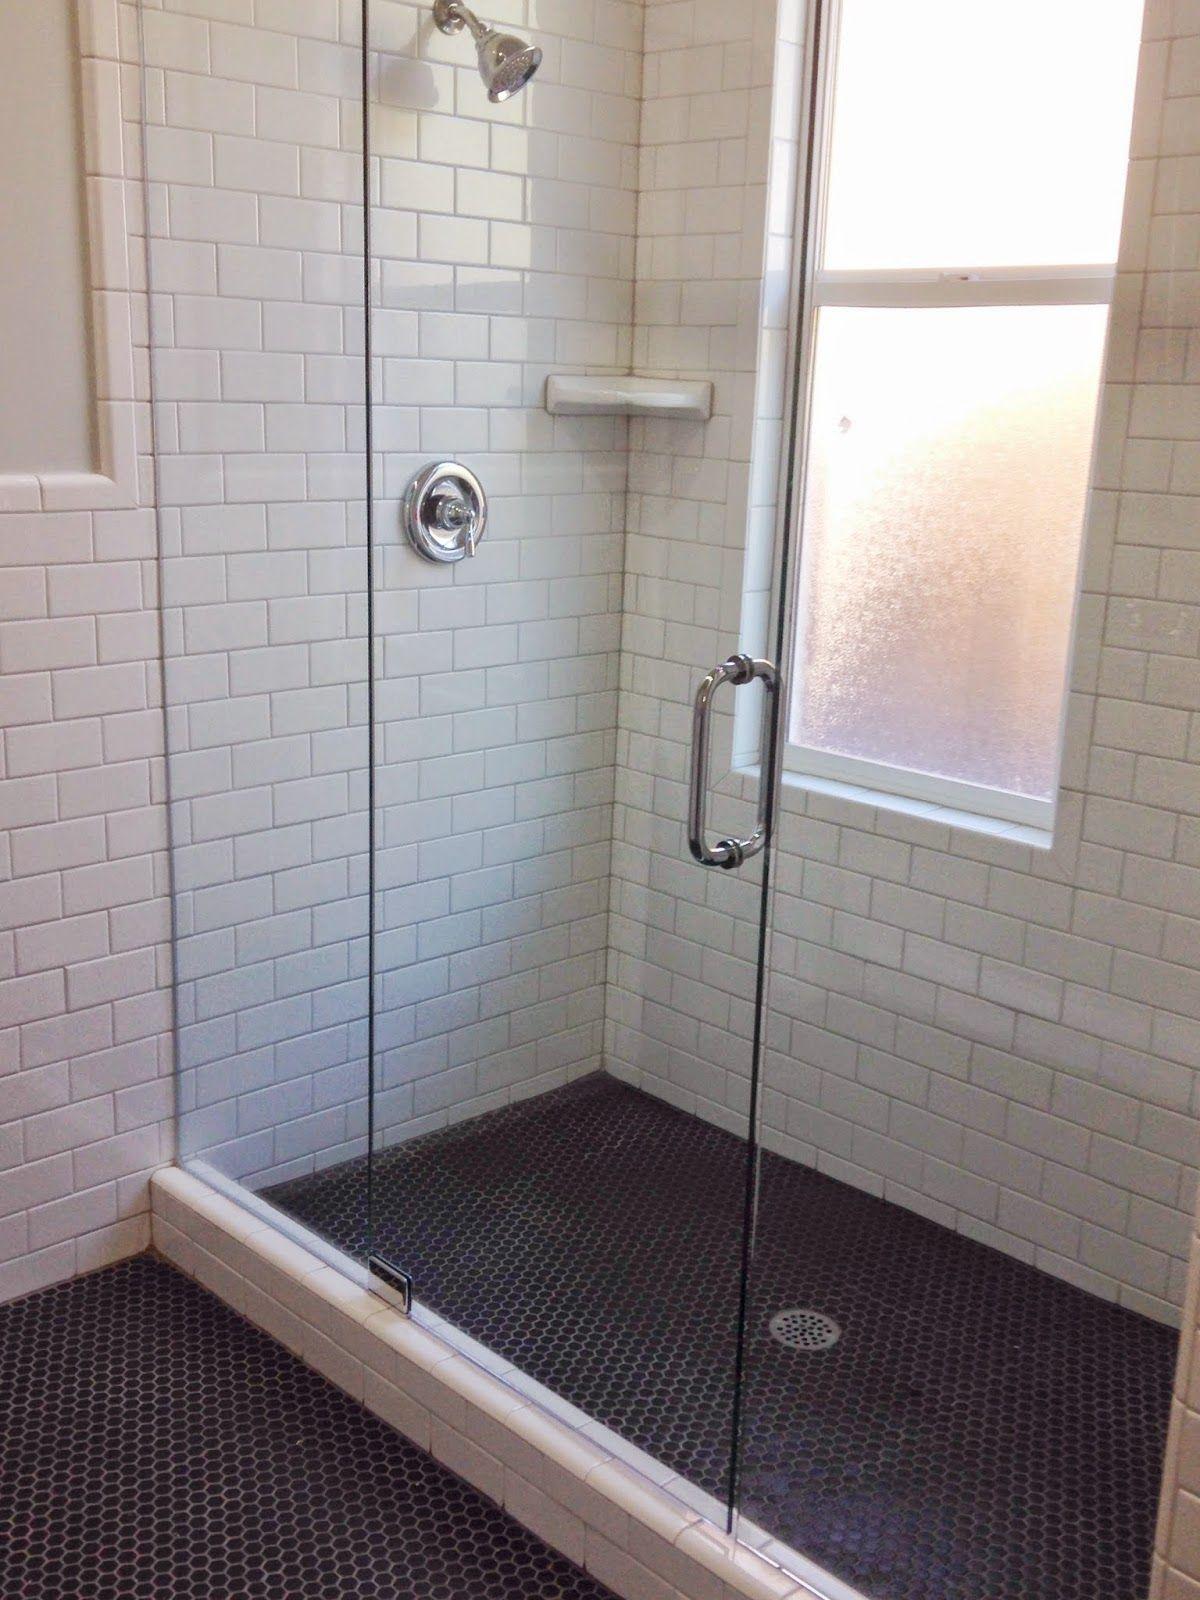 Bathroom floor tiles black - White Gold Remodel Project Bathroom M Street Floor Tile Black 1